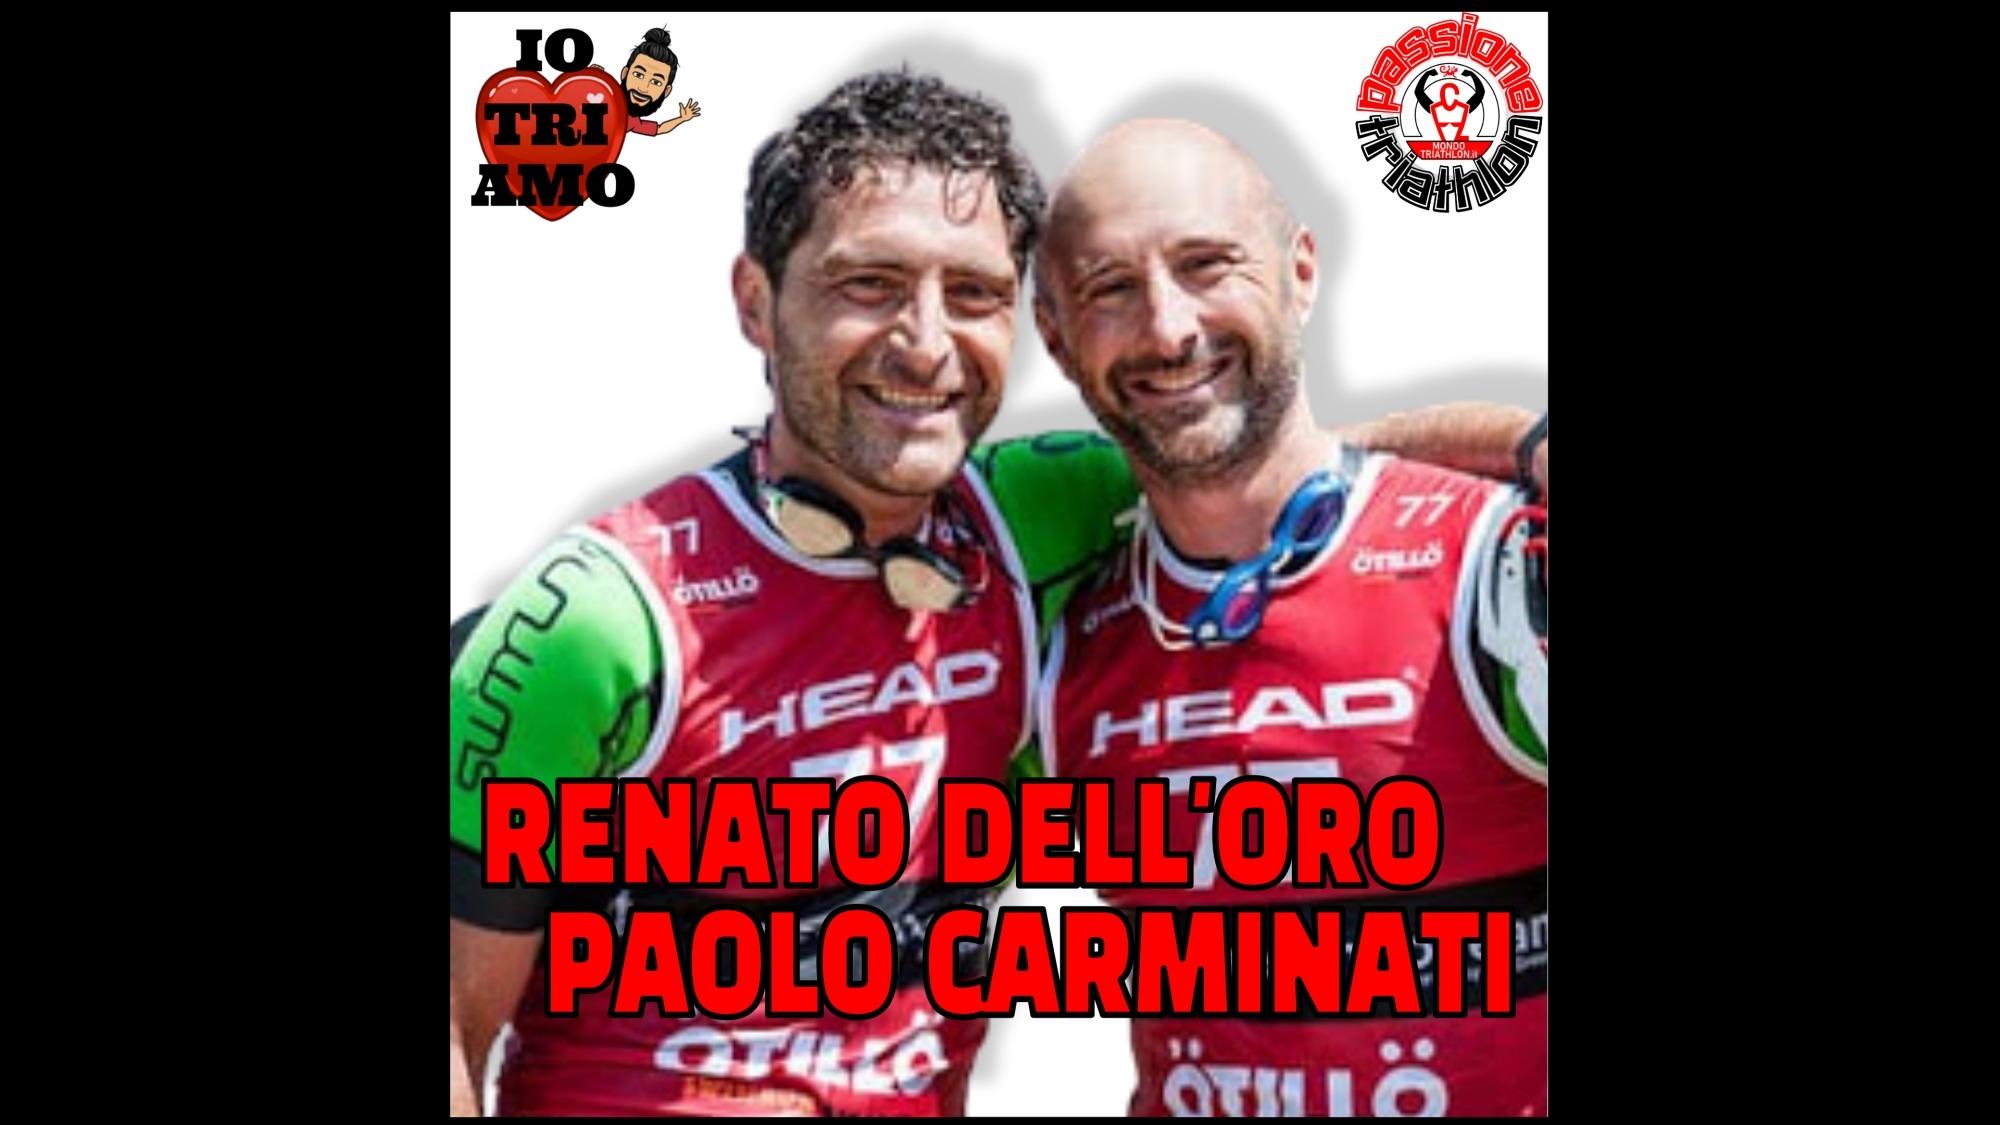 Passione Triathlon Renato Dell'Oro e Paolo Carminati